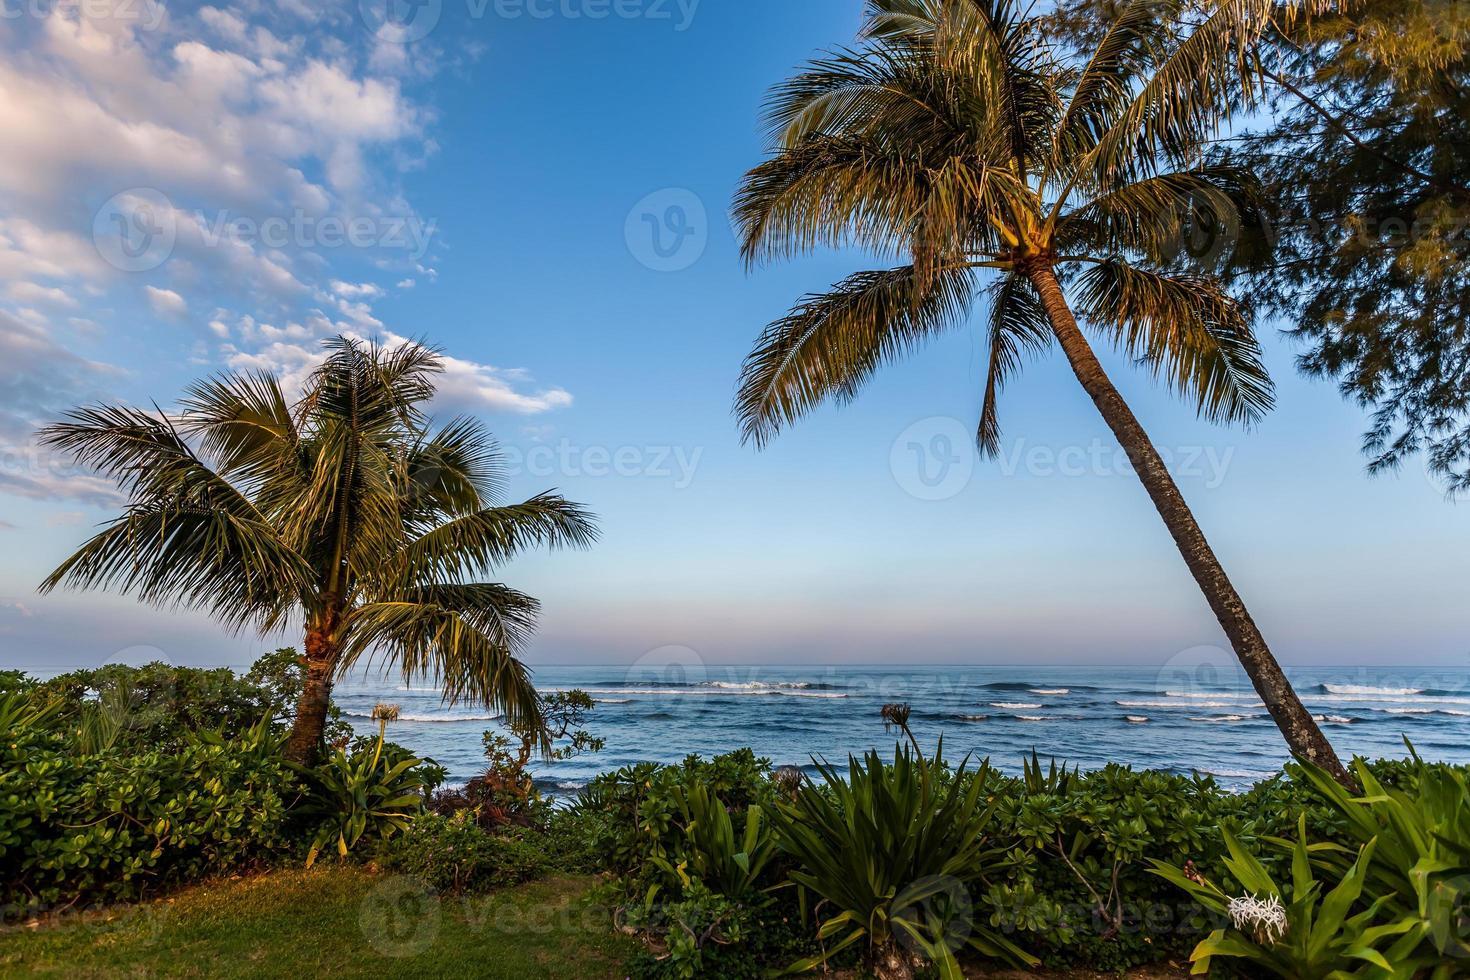 Palmen entlang der Küste foto